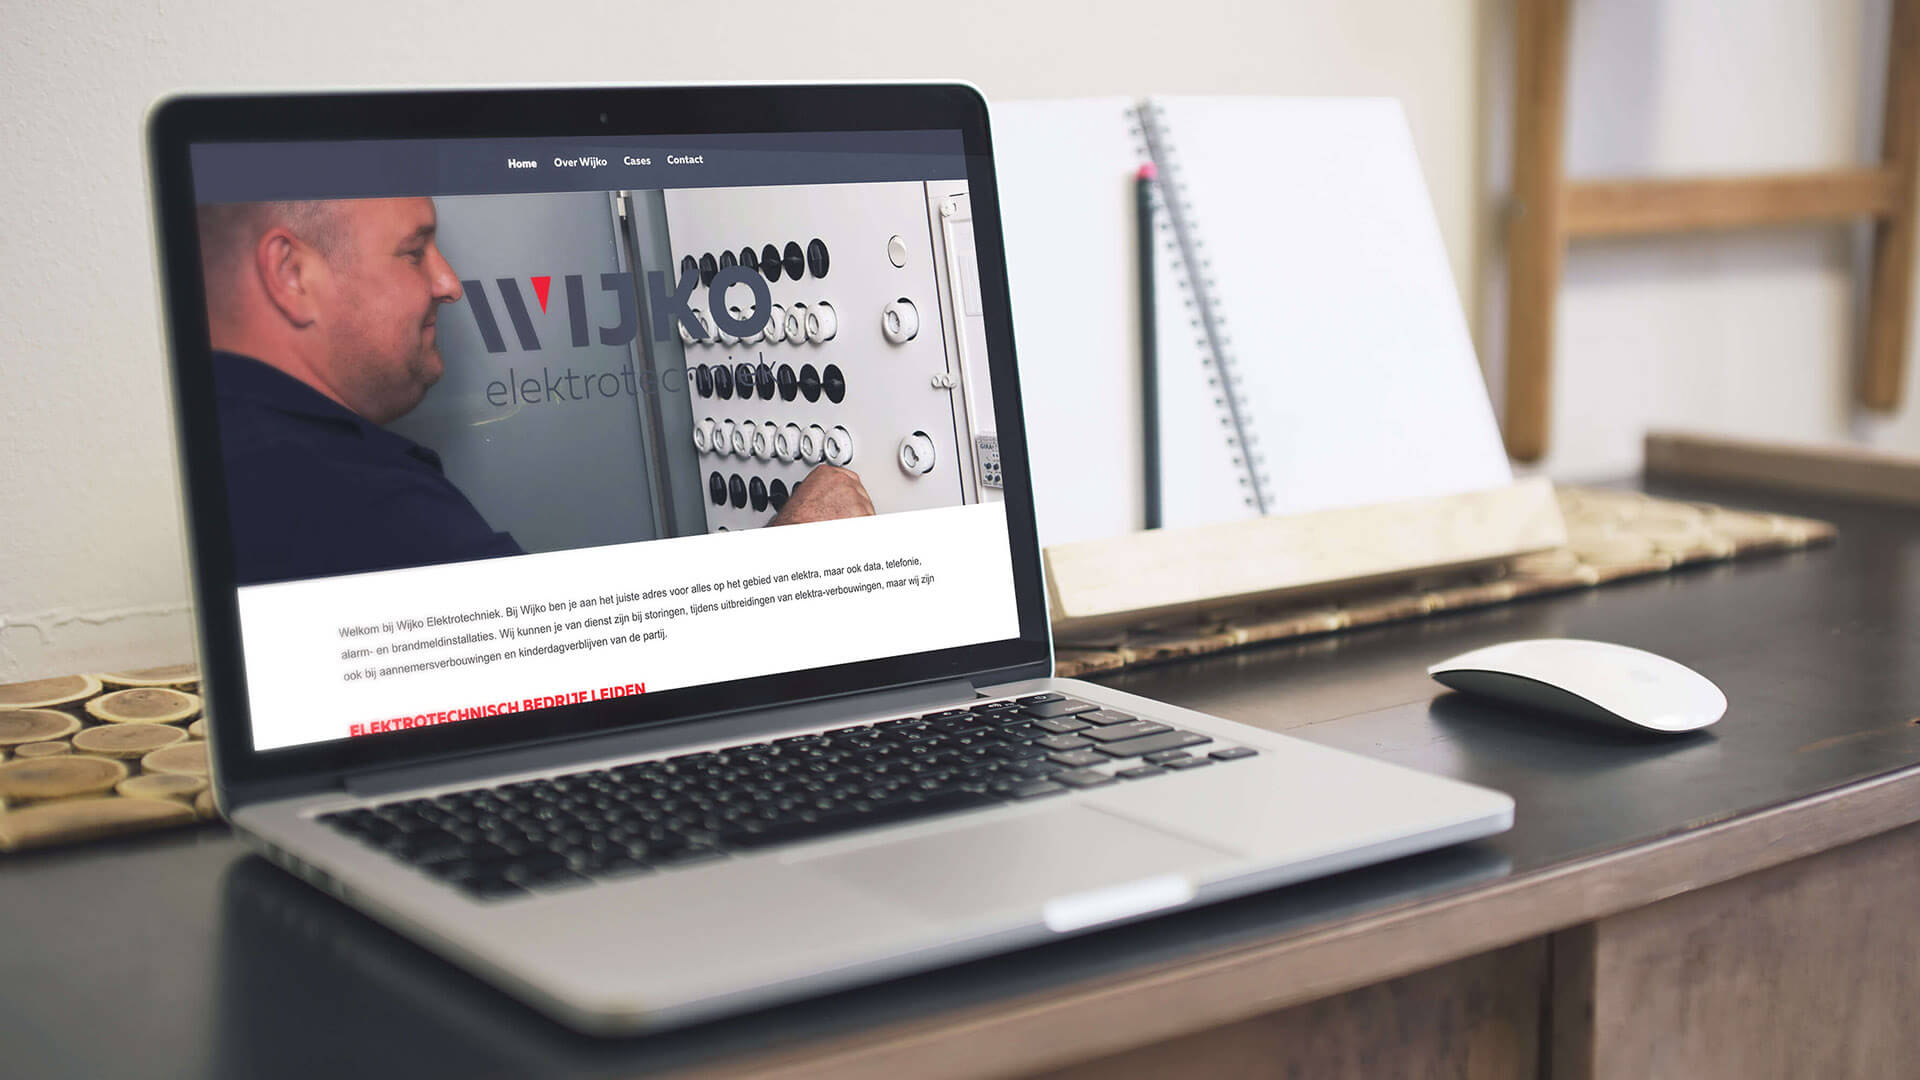 website laten ontwerpen, ux designer, Professionele website laten maken, grafisch ontwerper